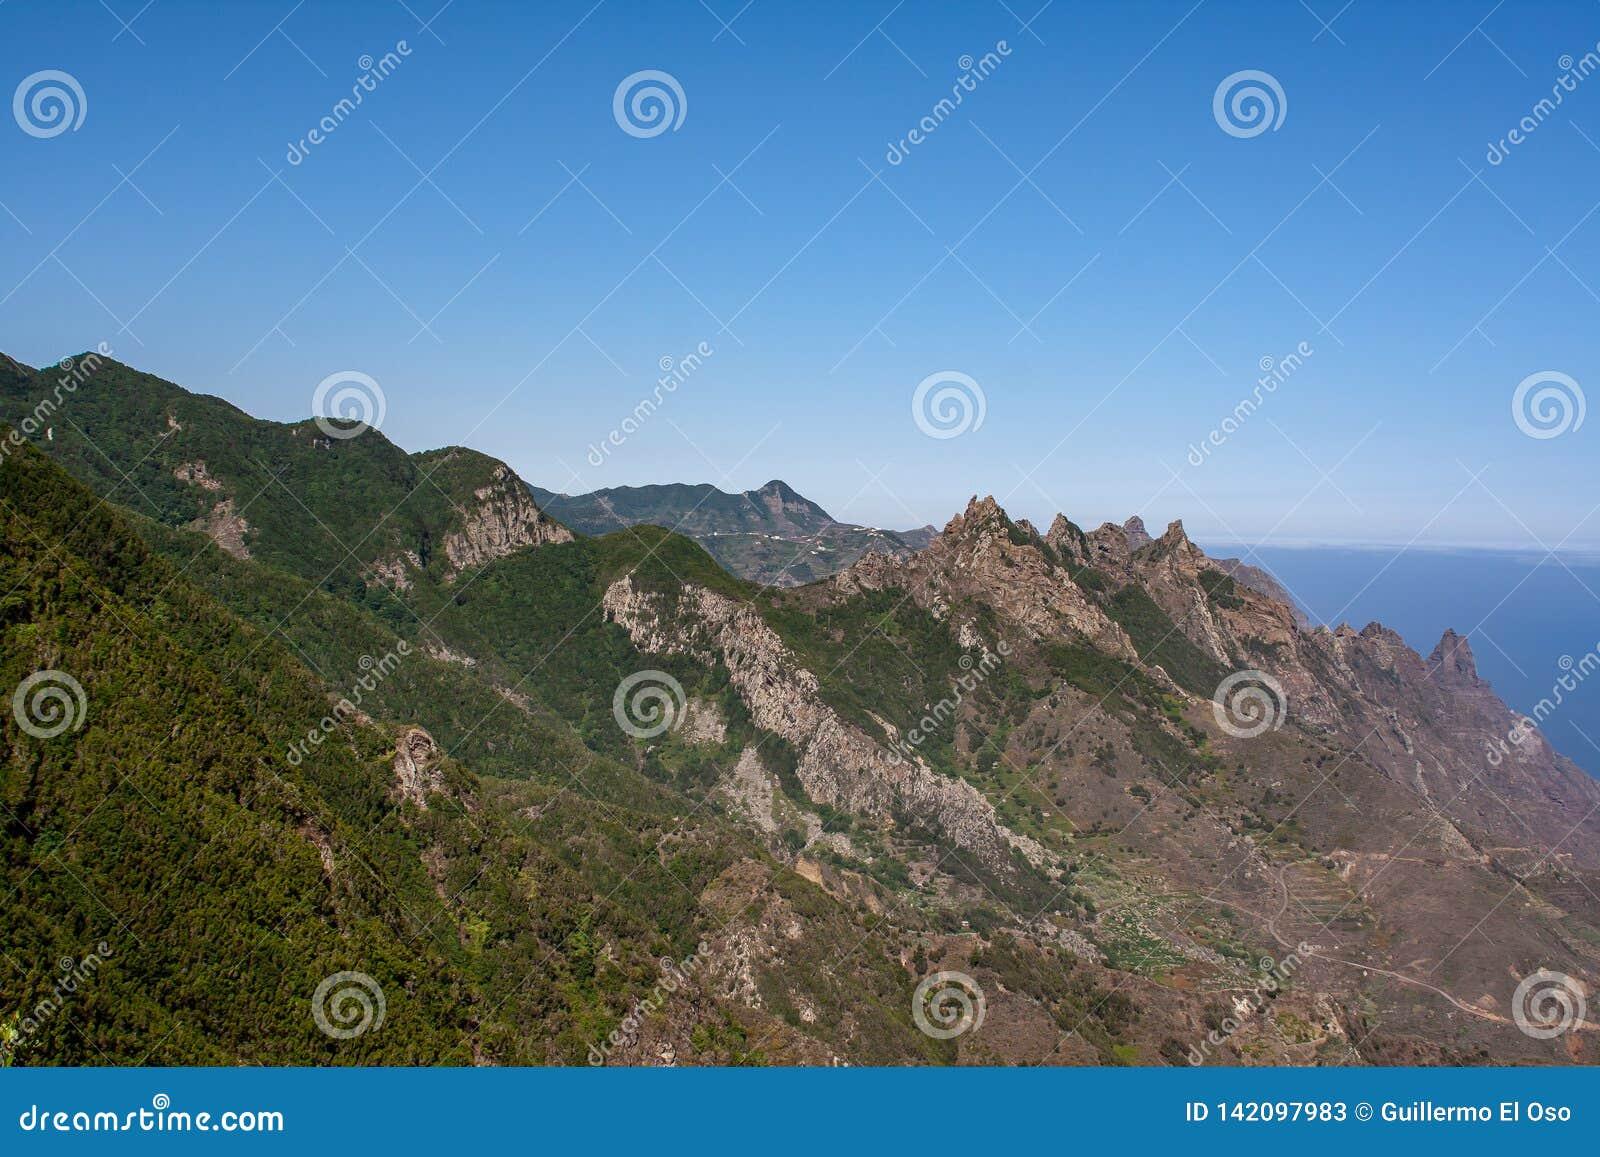 Far view over the Anaga mountain